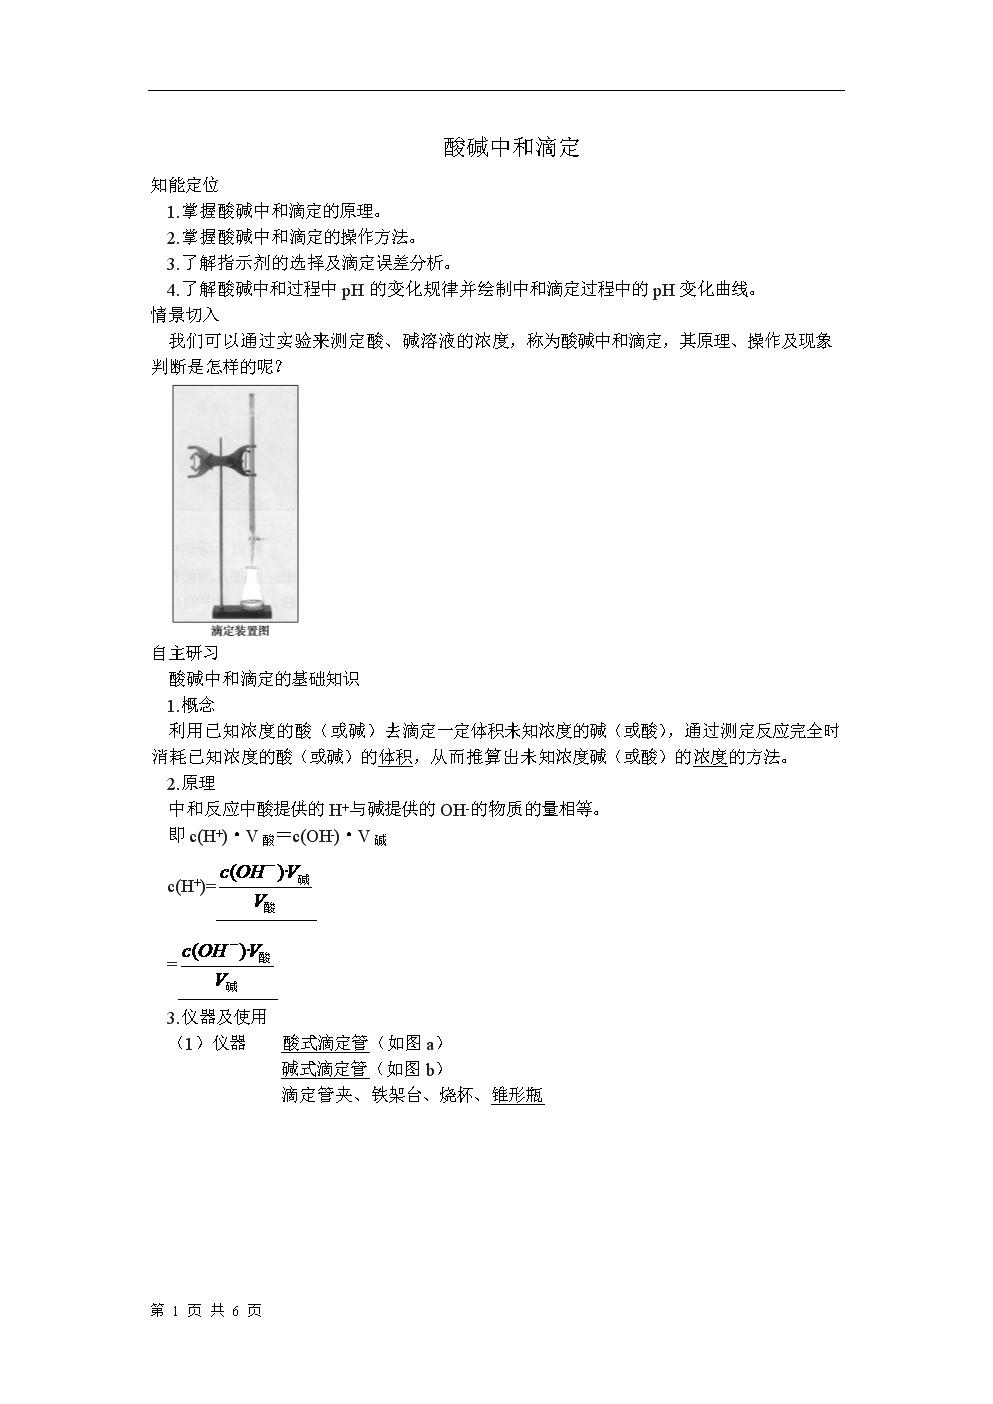 酸碱中和滴定导学案介绍.docthorx6.1操作说明图片